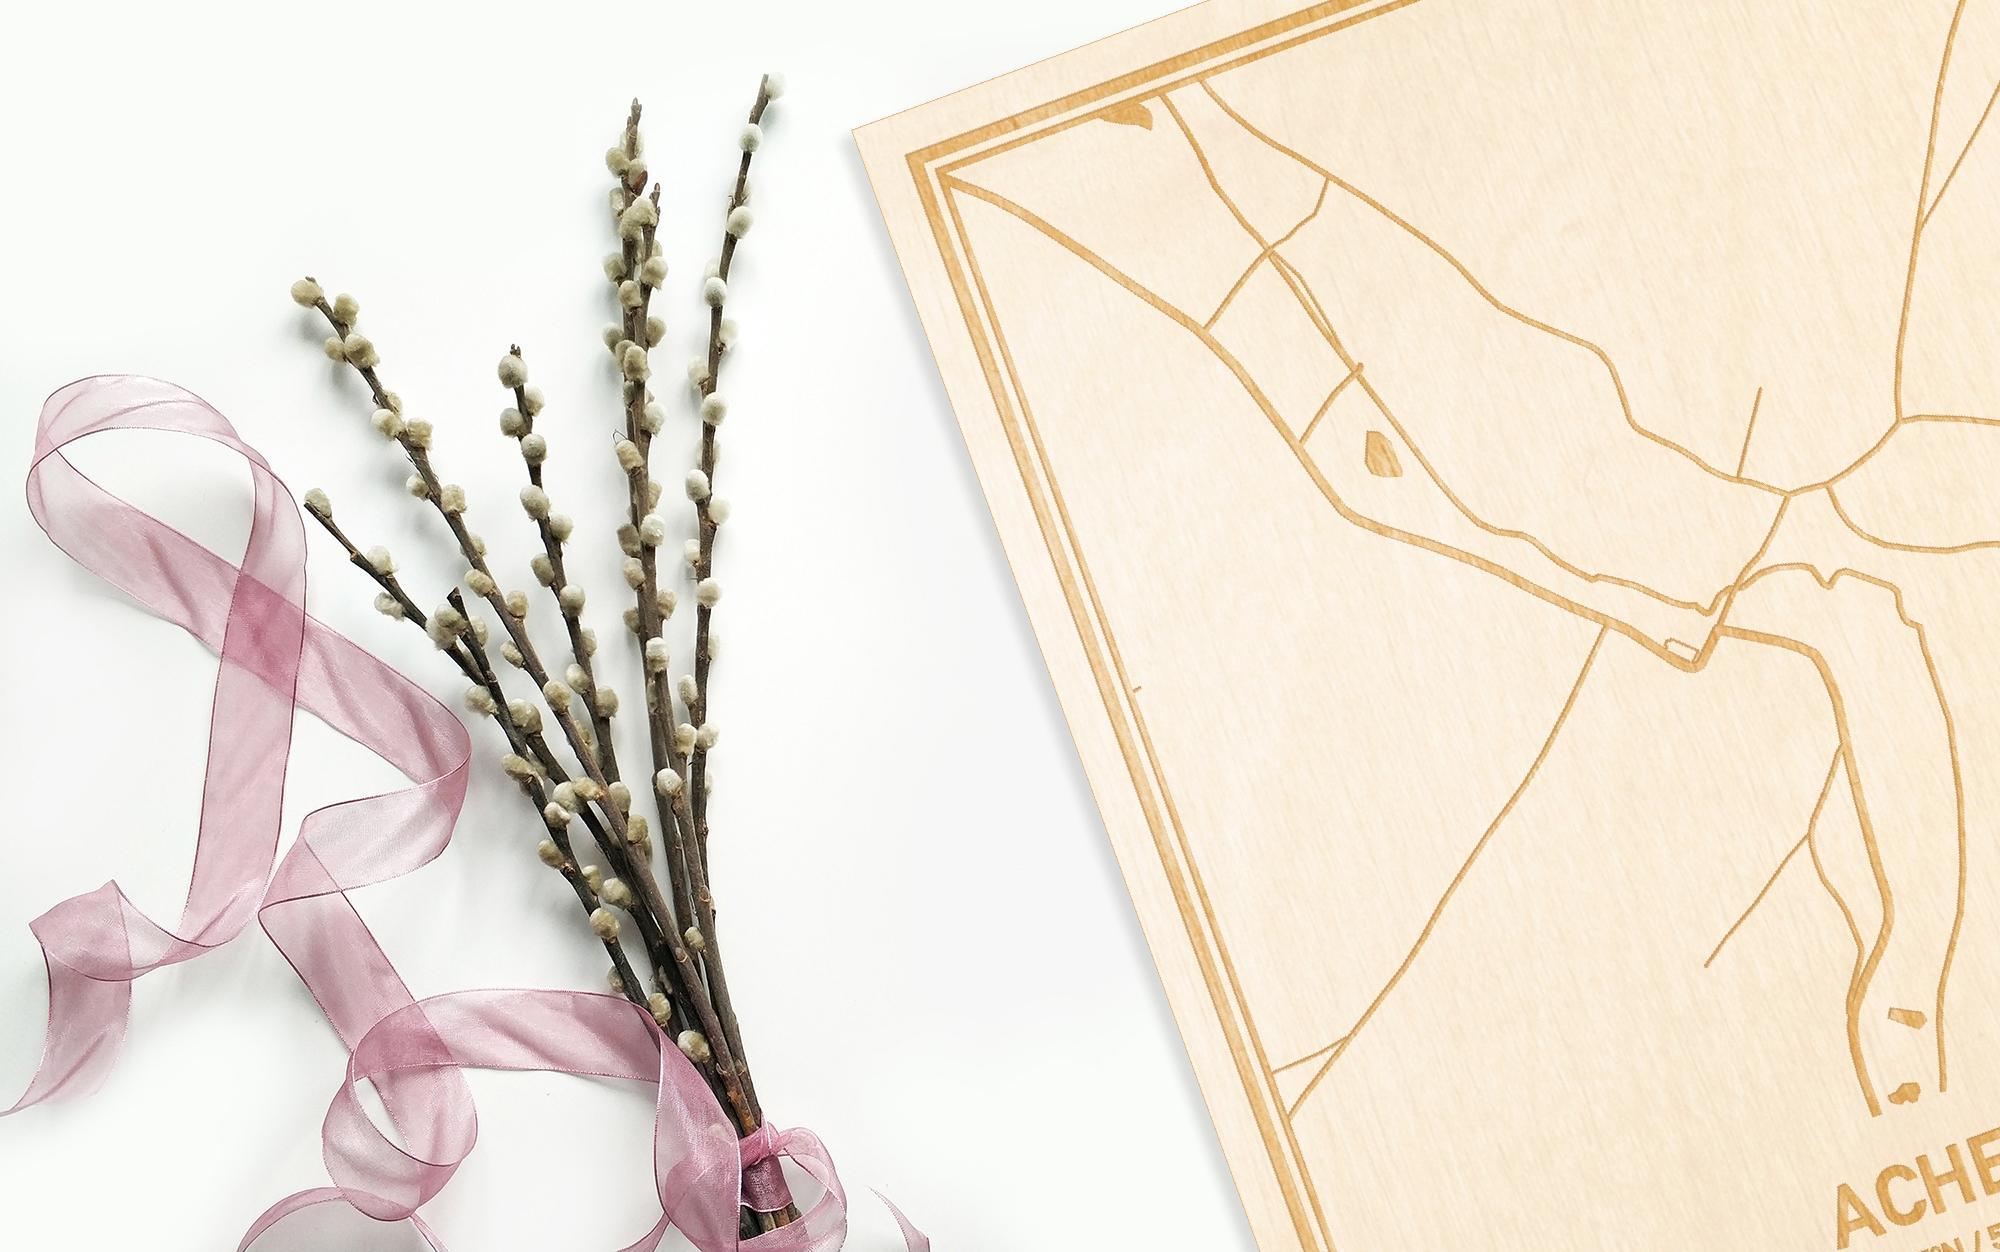 Hier ligt de houten plattegrond Achet naast een bloemetje als gepersonaliseerd cadeau voor haar.